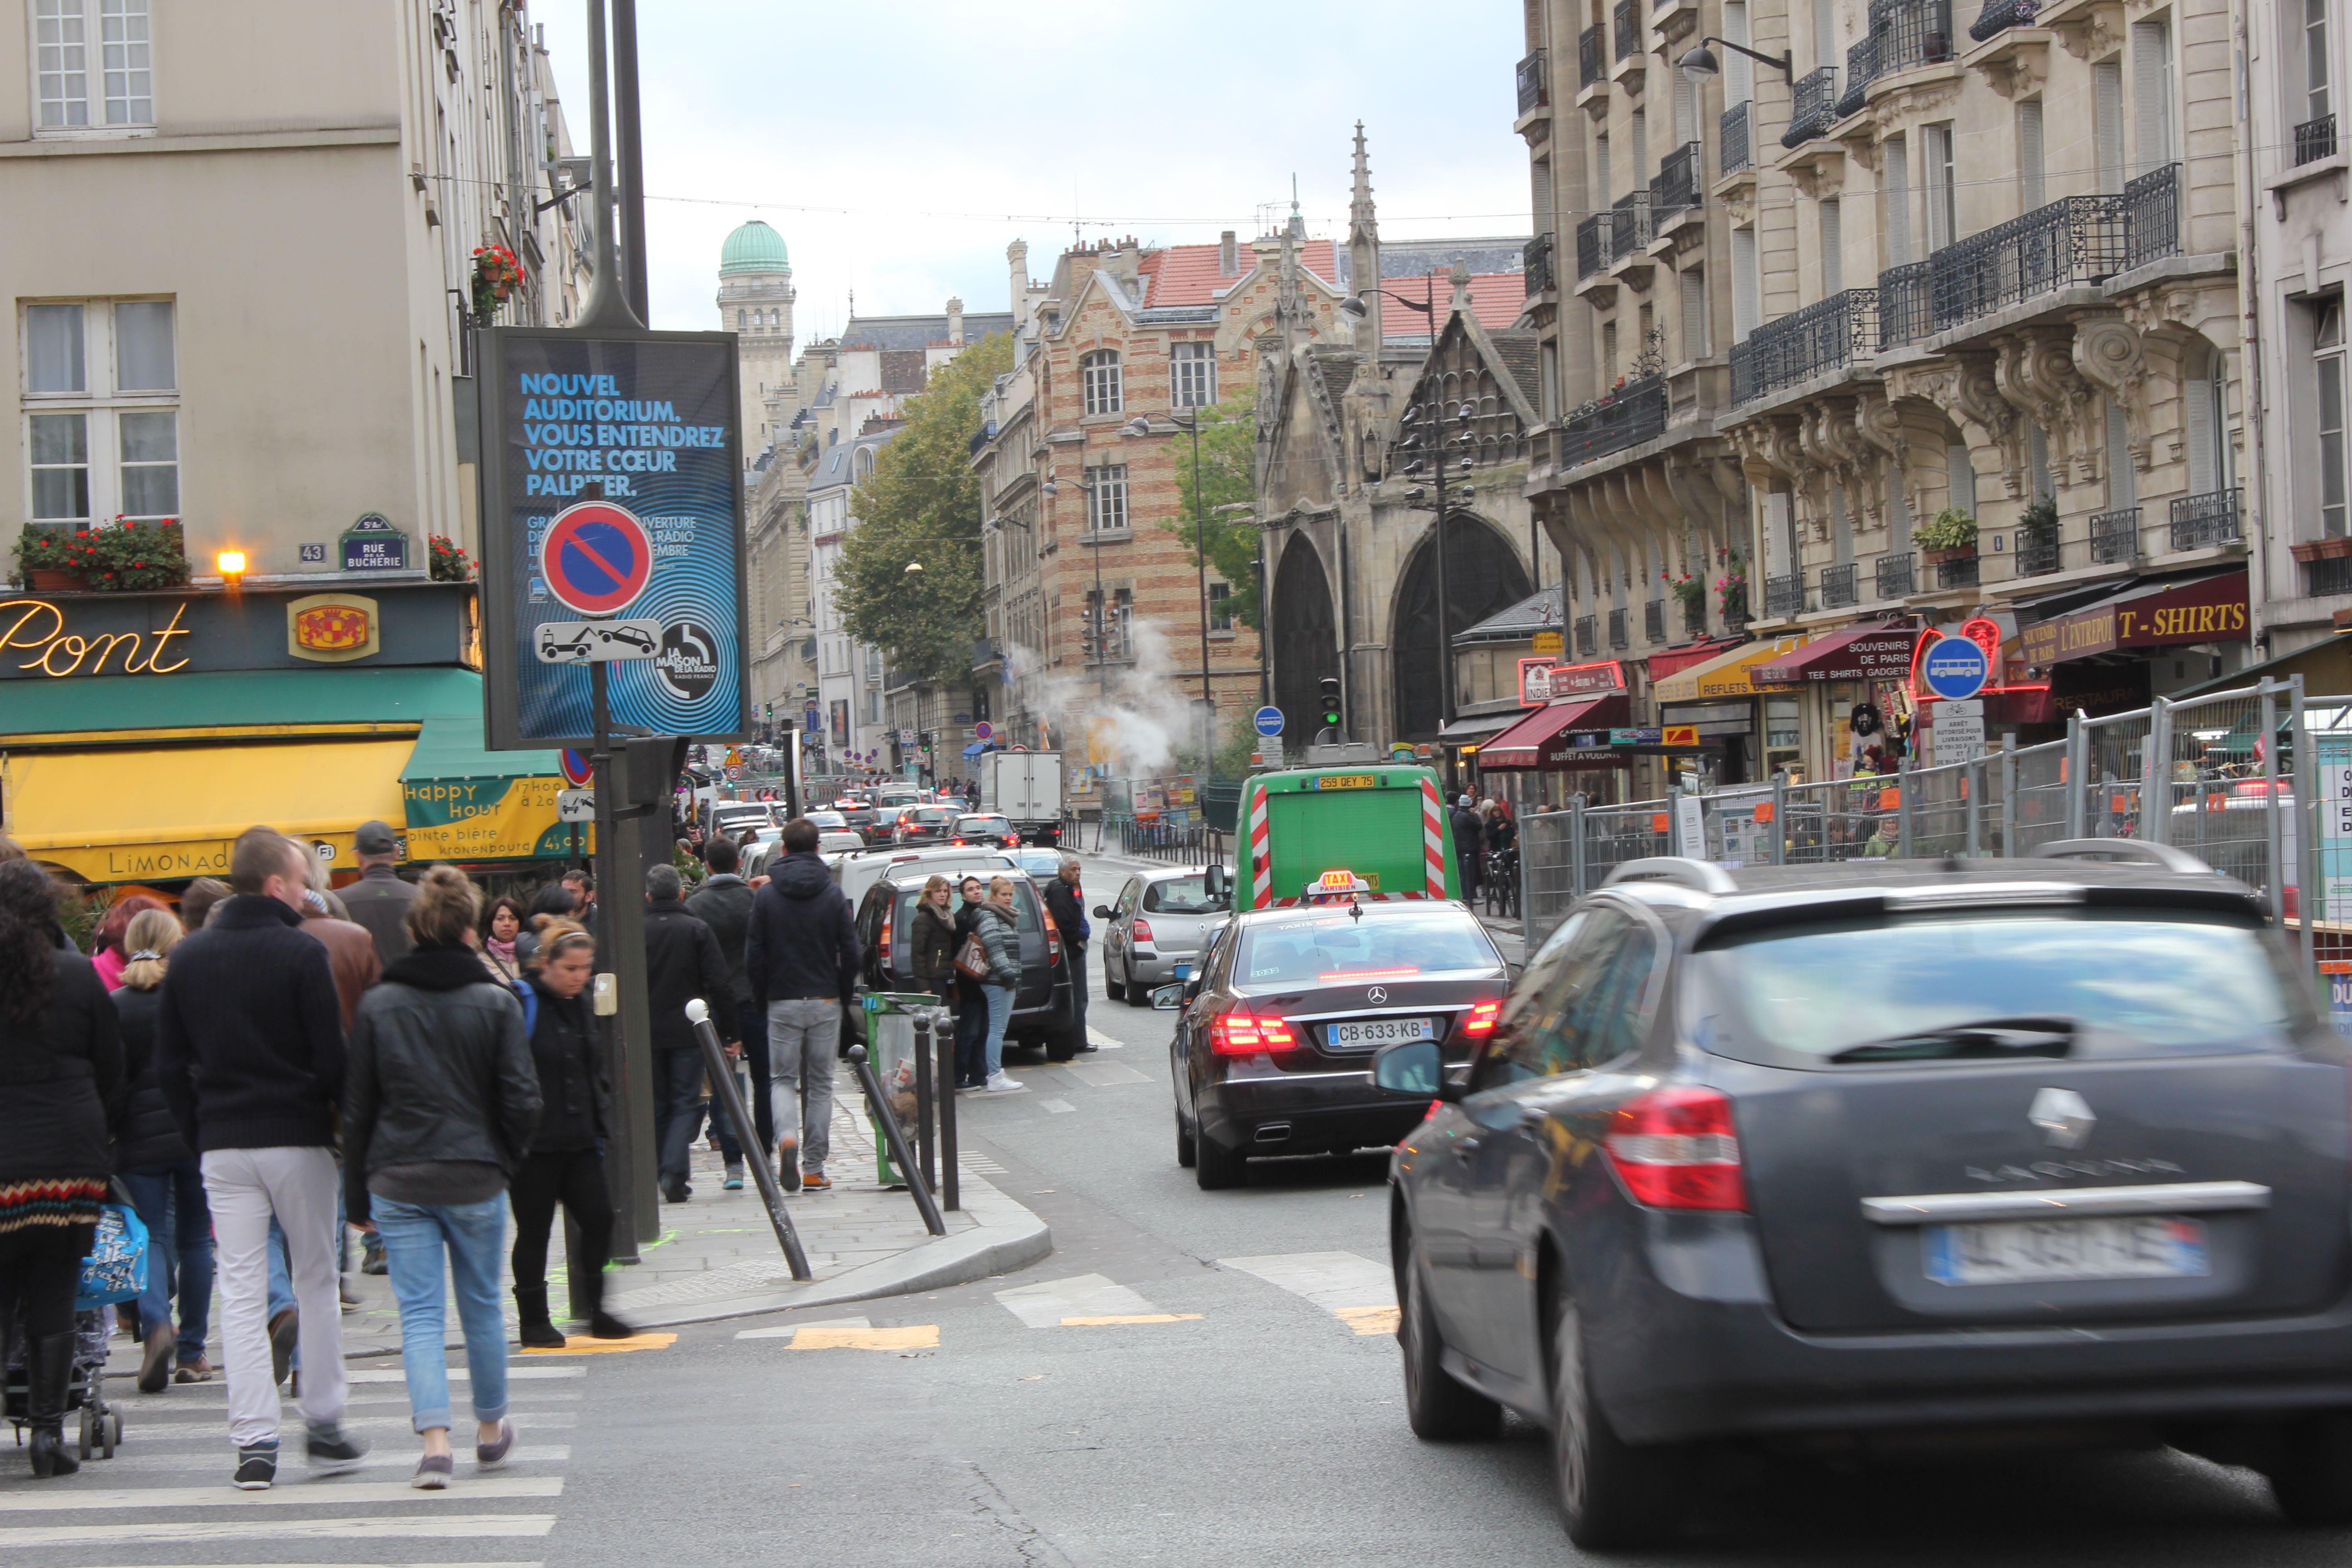 Straßenszene-in-Paris